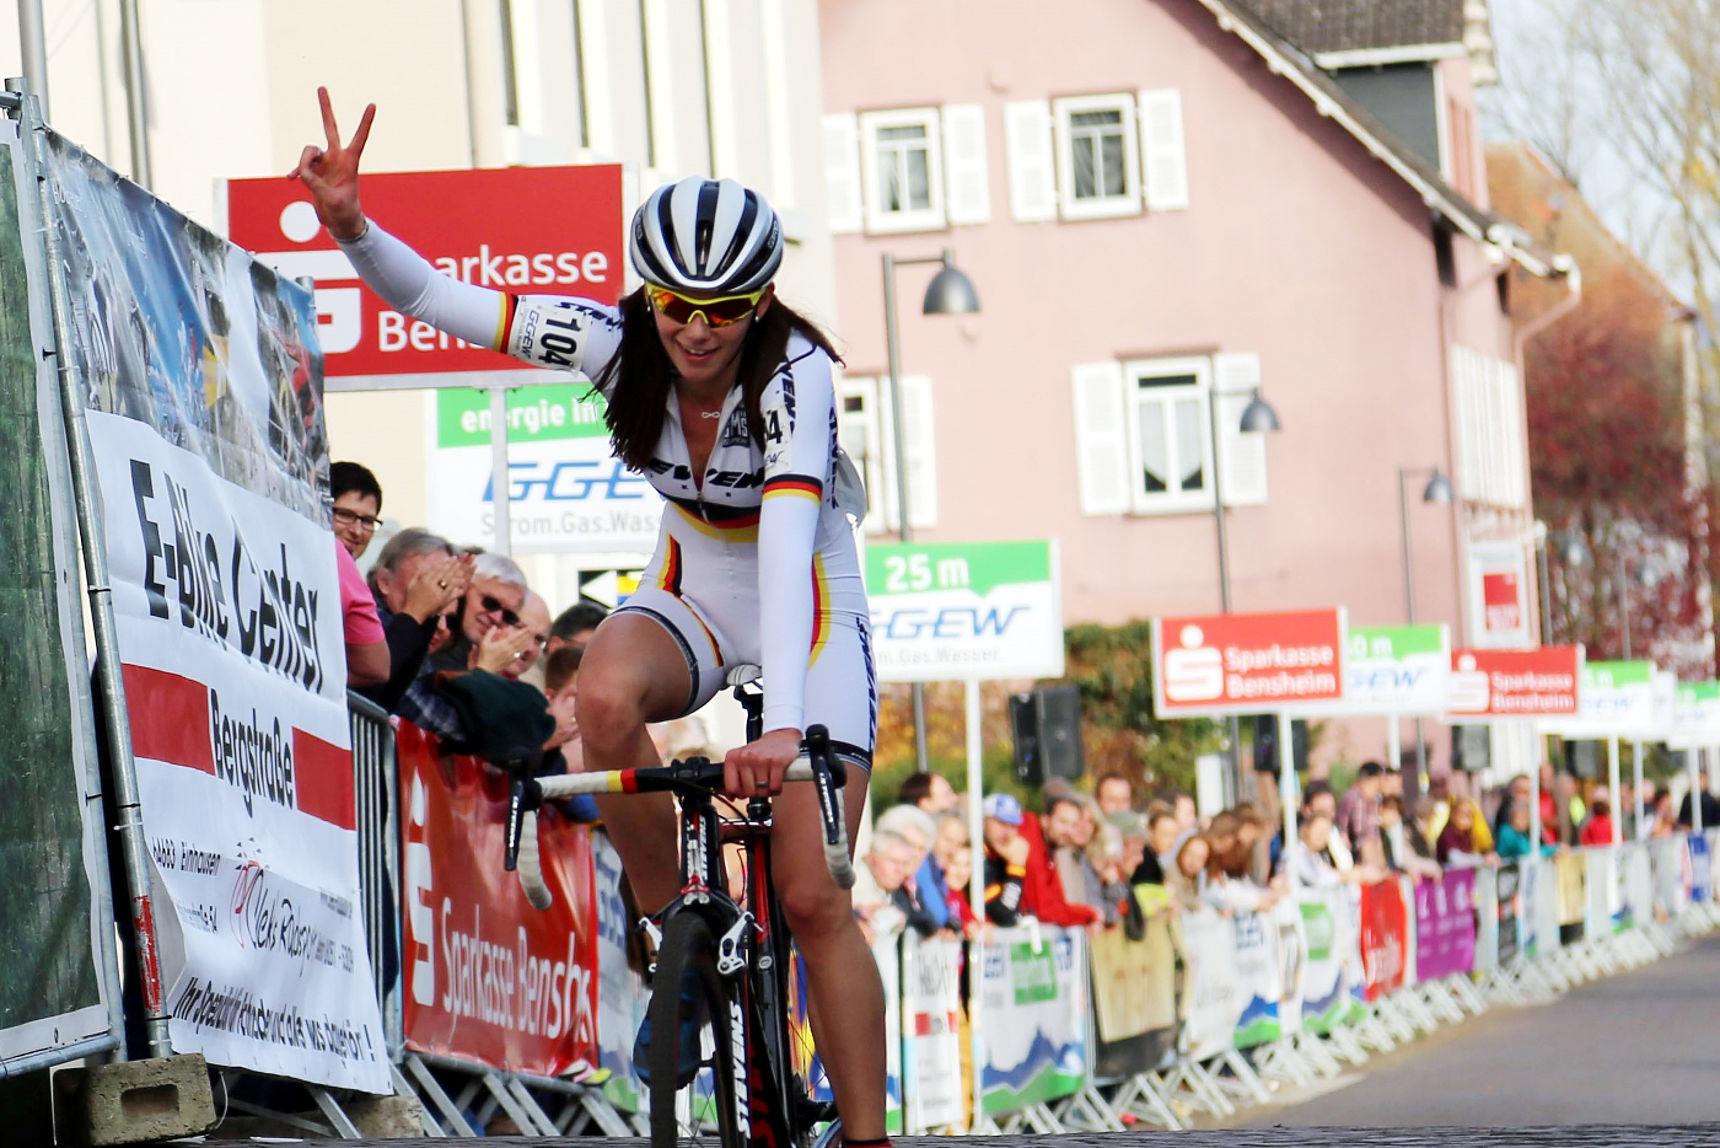 Lorsch Radsportbegeisterung